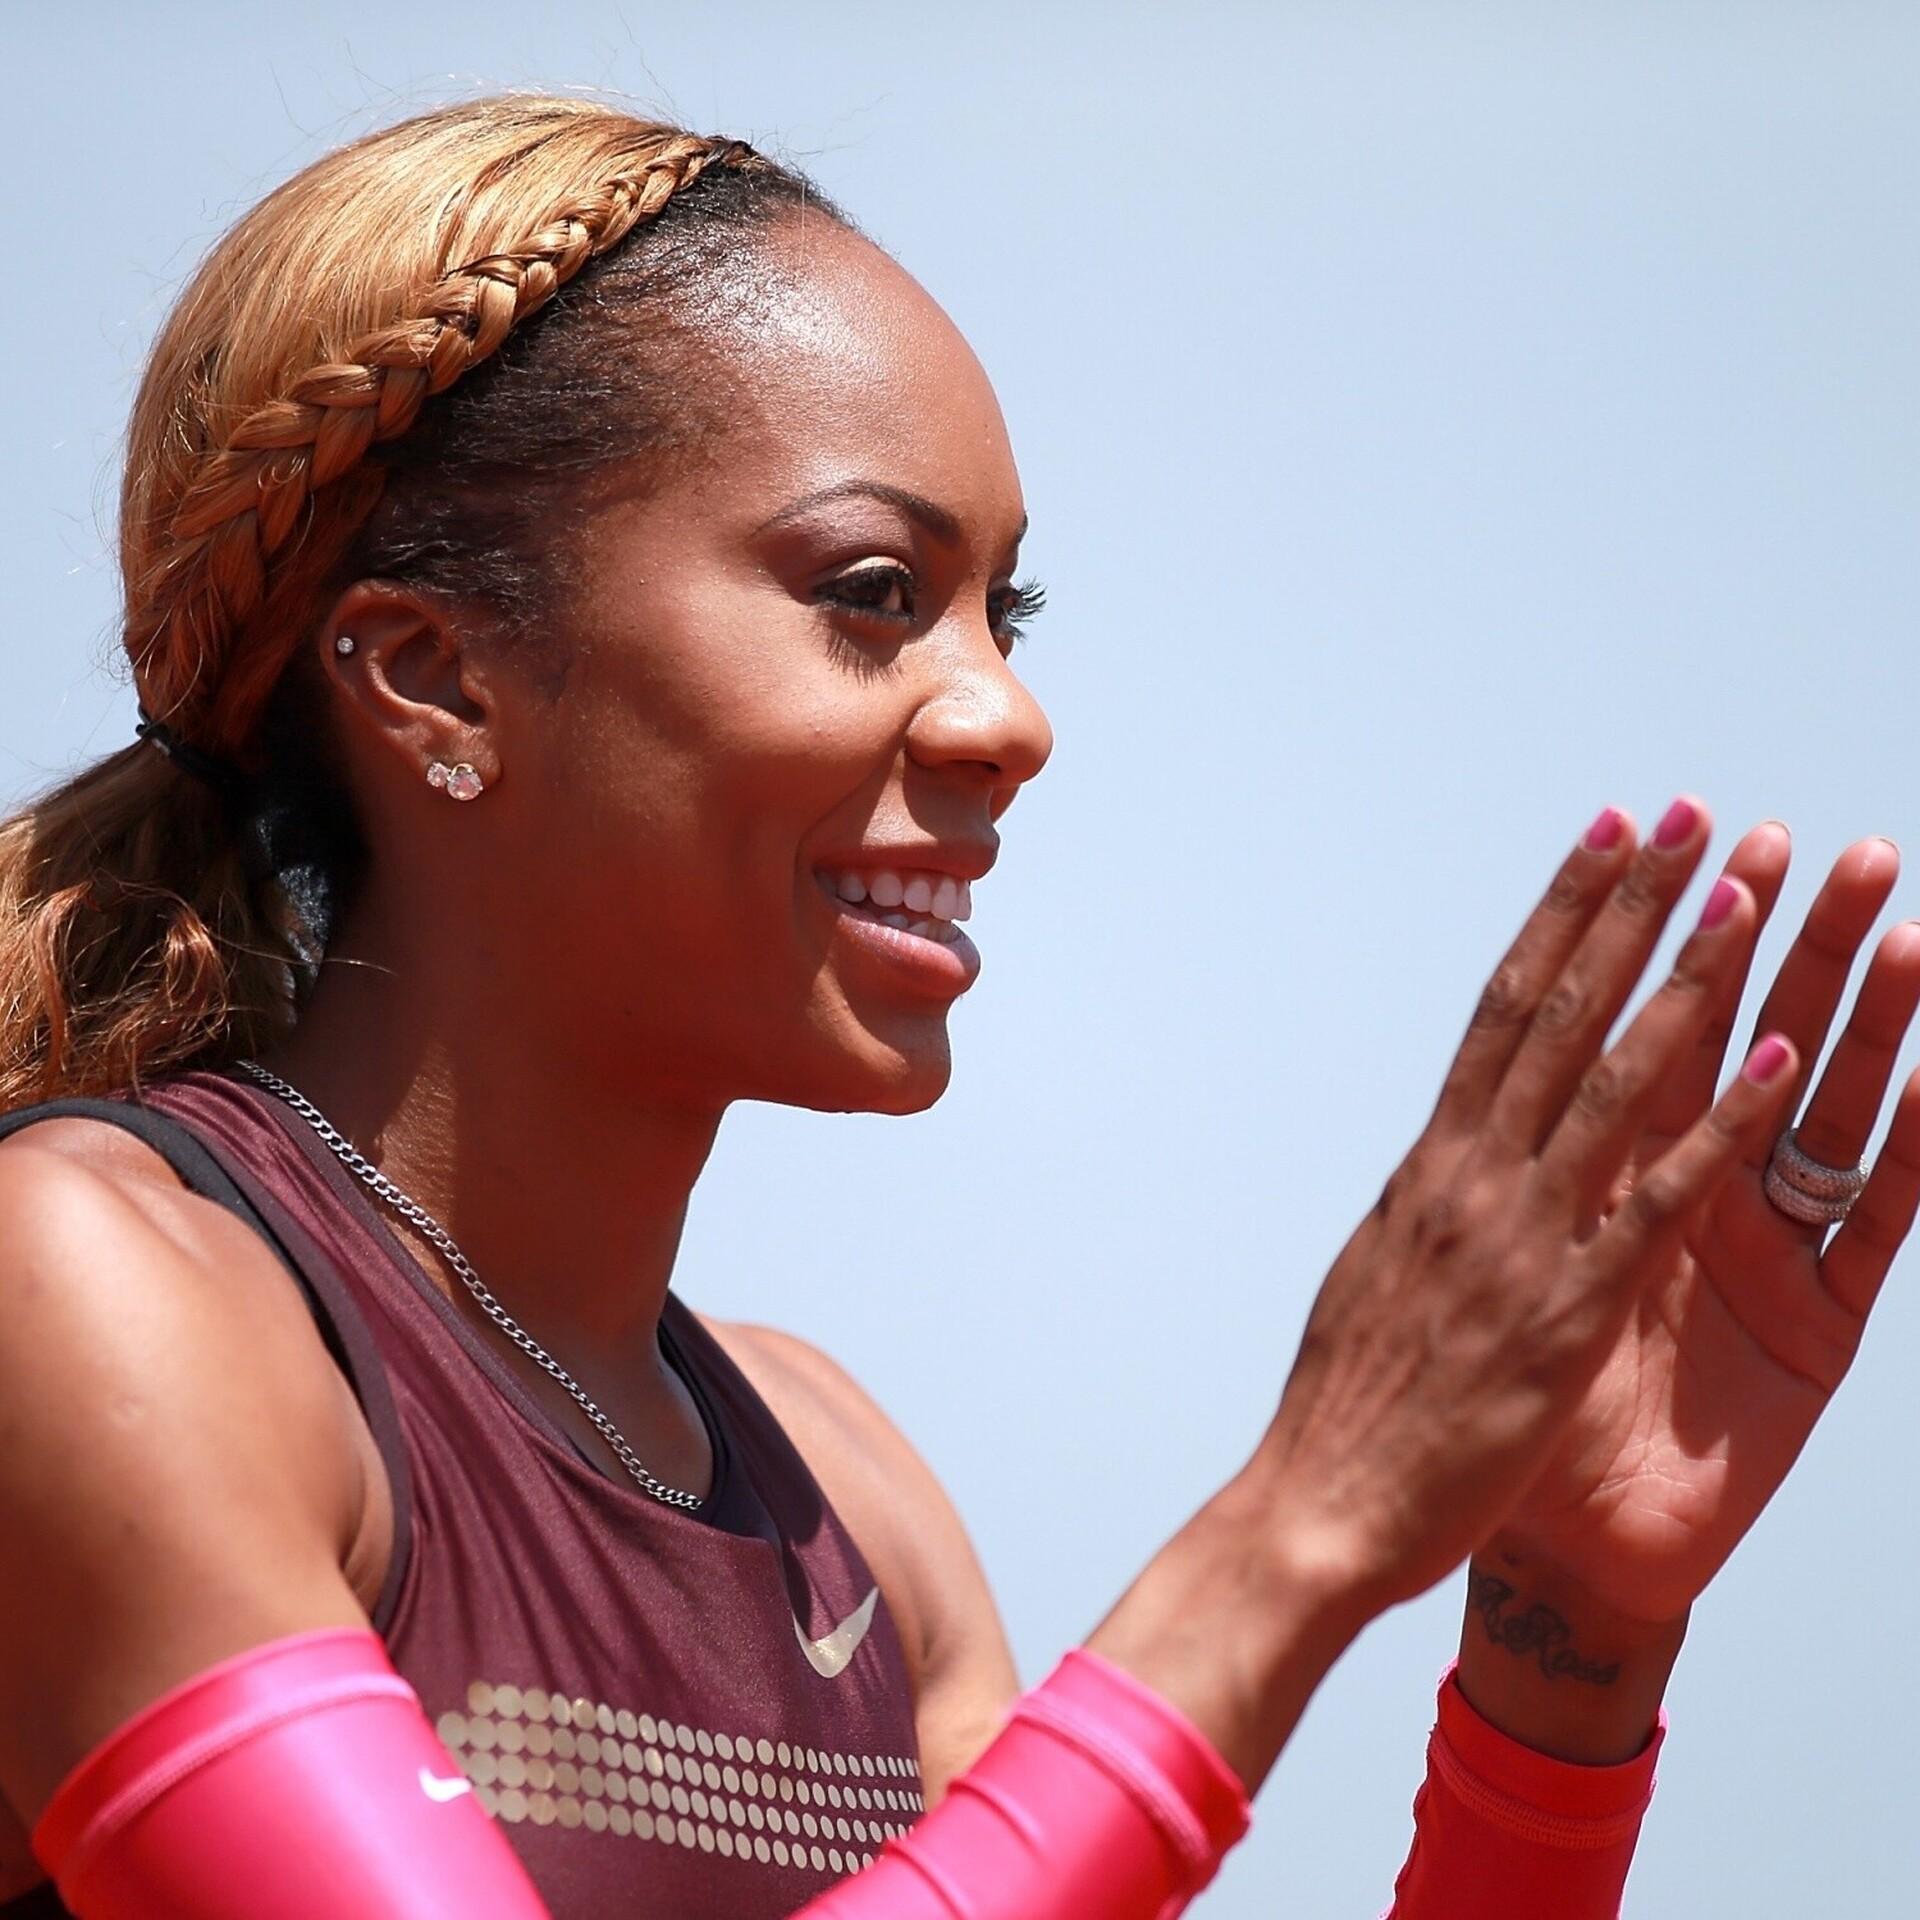 Neljakordne olümpiavõitja toetab rekordite muutmise plaani ... 9b7baebd1a